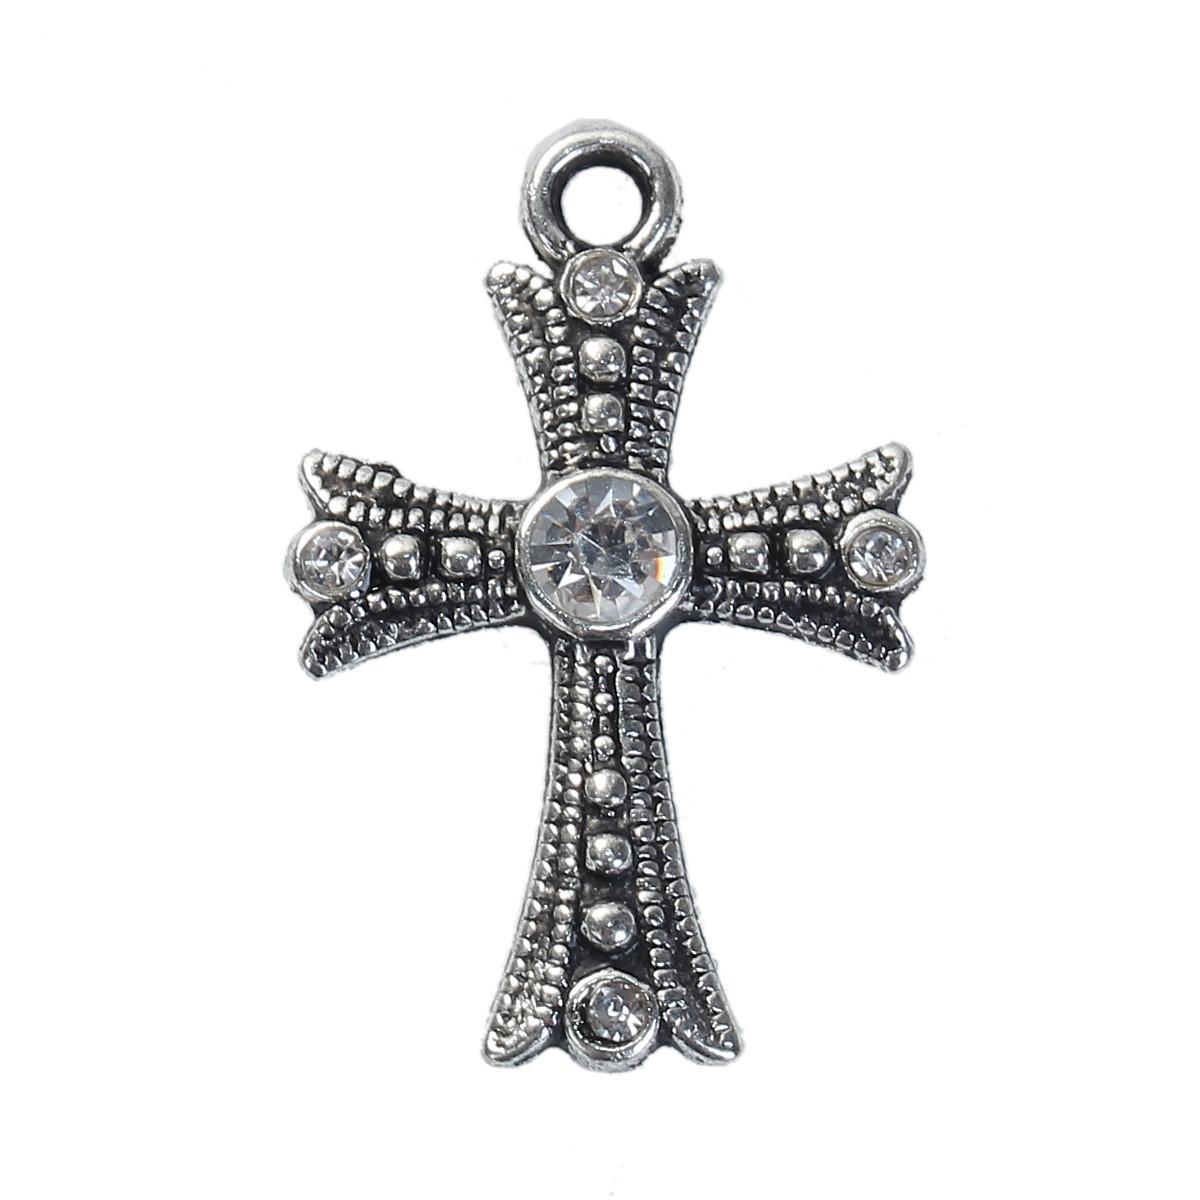 Подвеска Крест, Цинковый сплав, Античное серебро, Прозрачные стразы, 26 мм x 17 мм